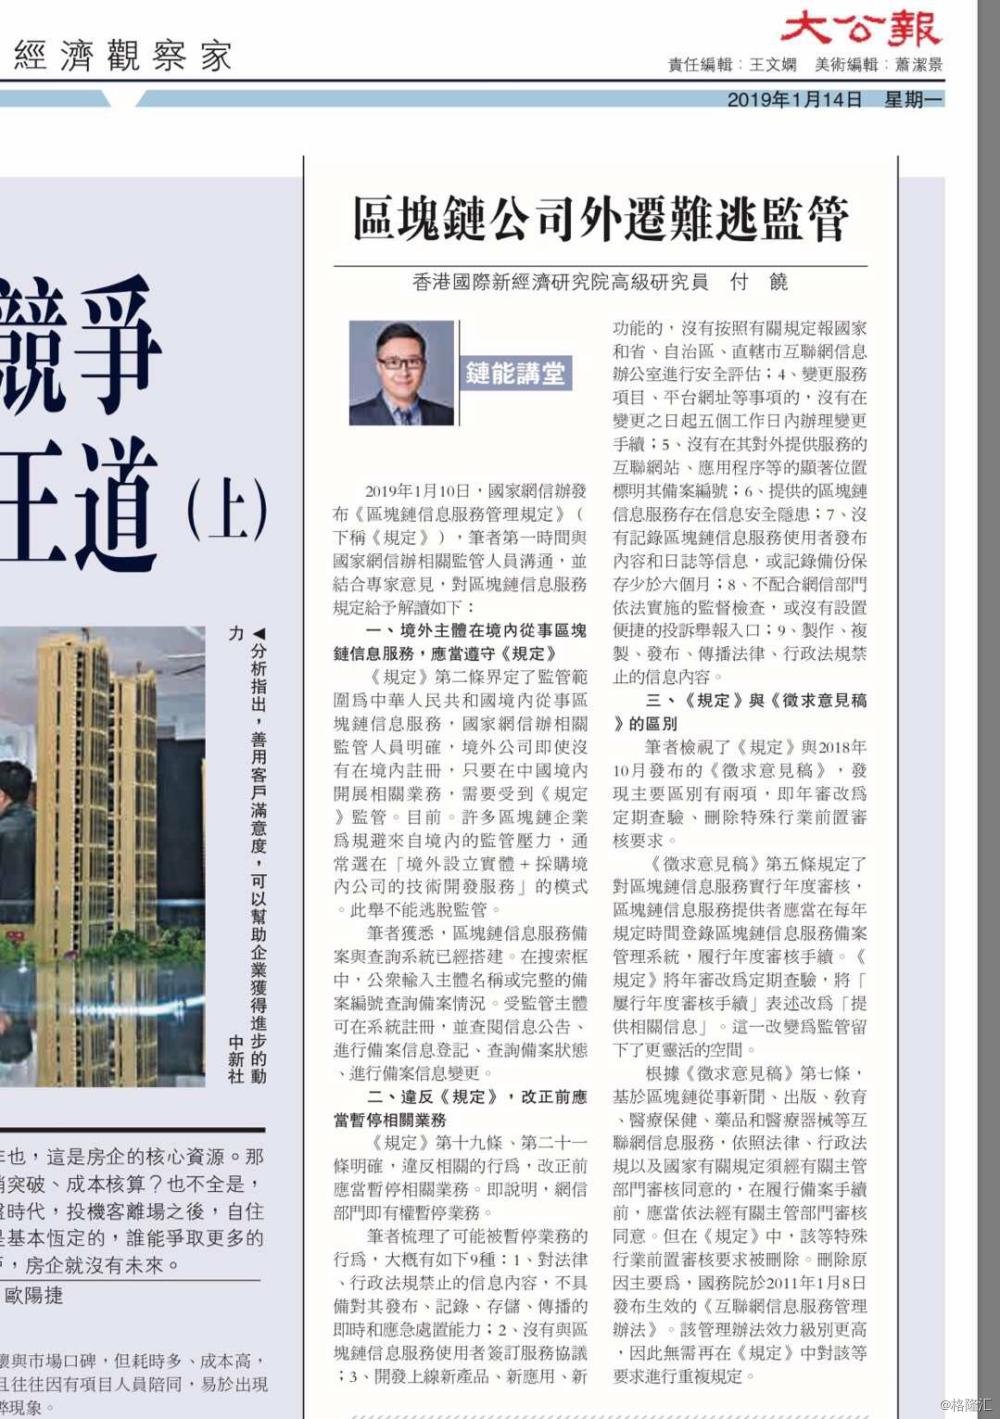 http://www.reviewcode.cn/youxikaifa/84896.html